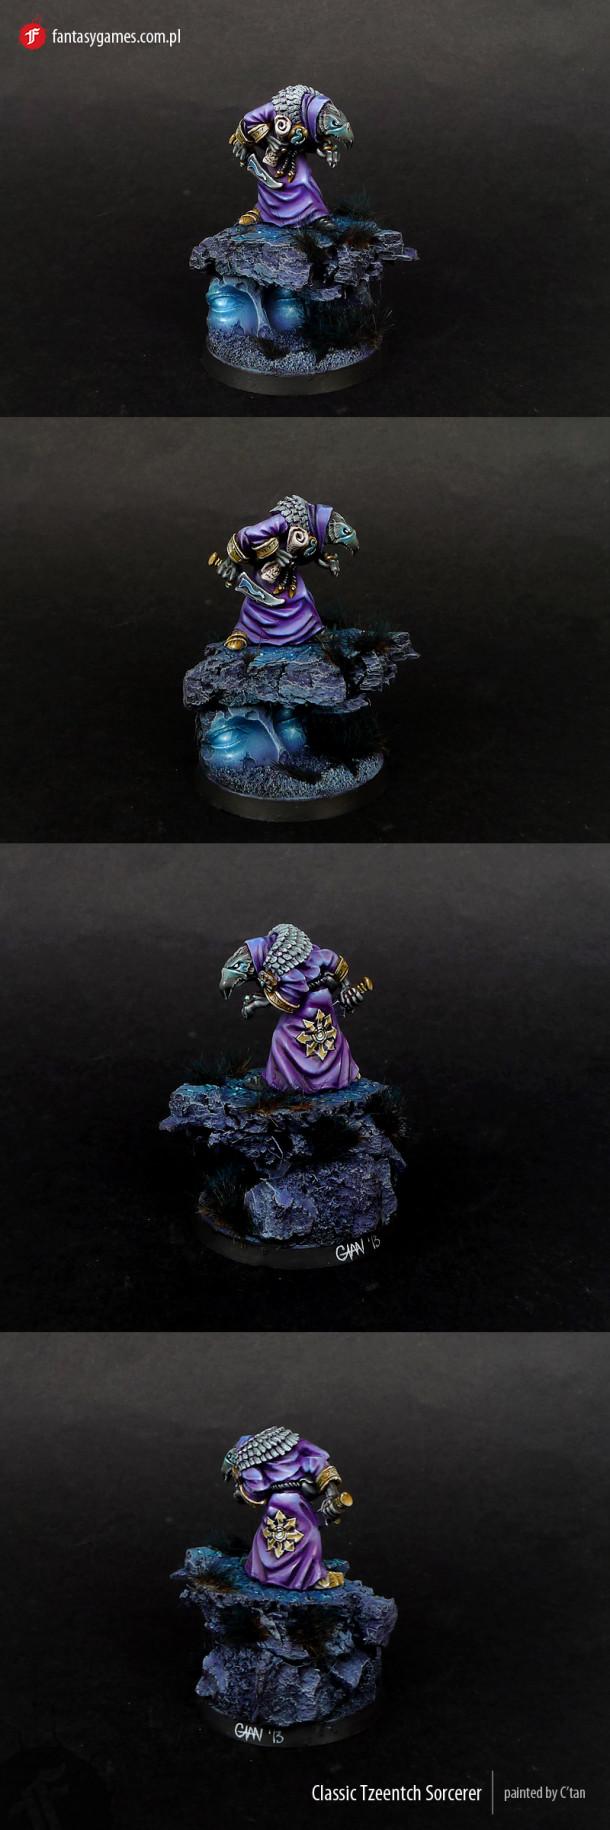 tzeentch-sorcerer